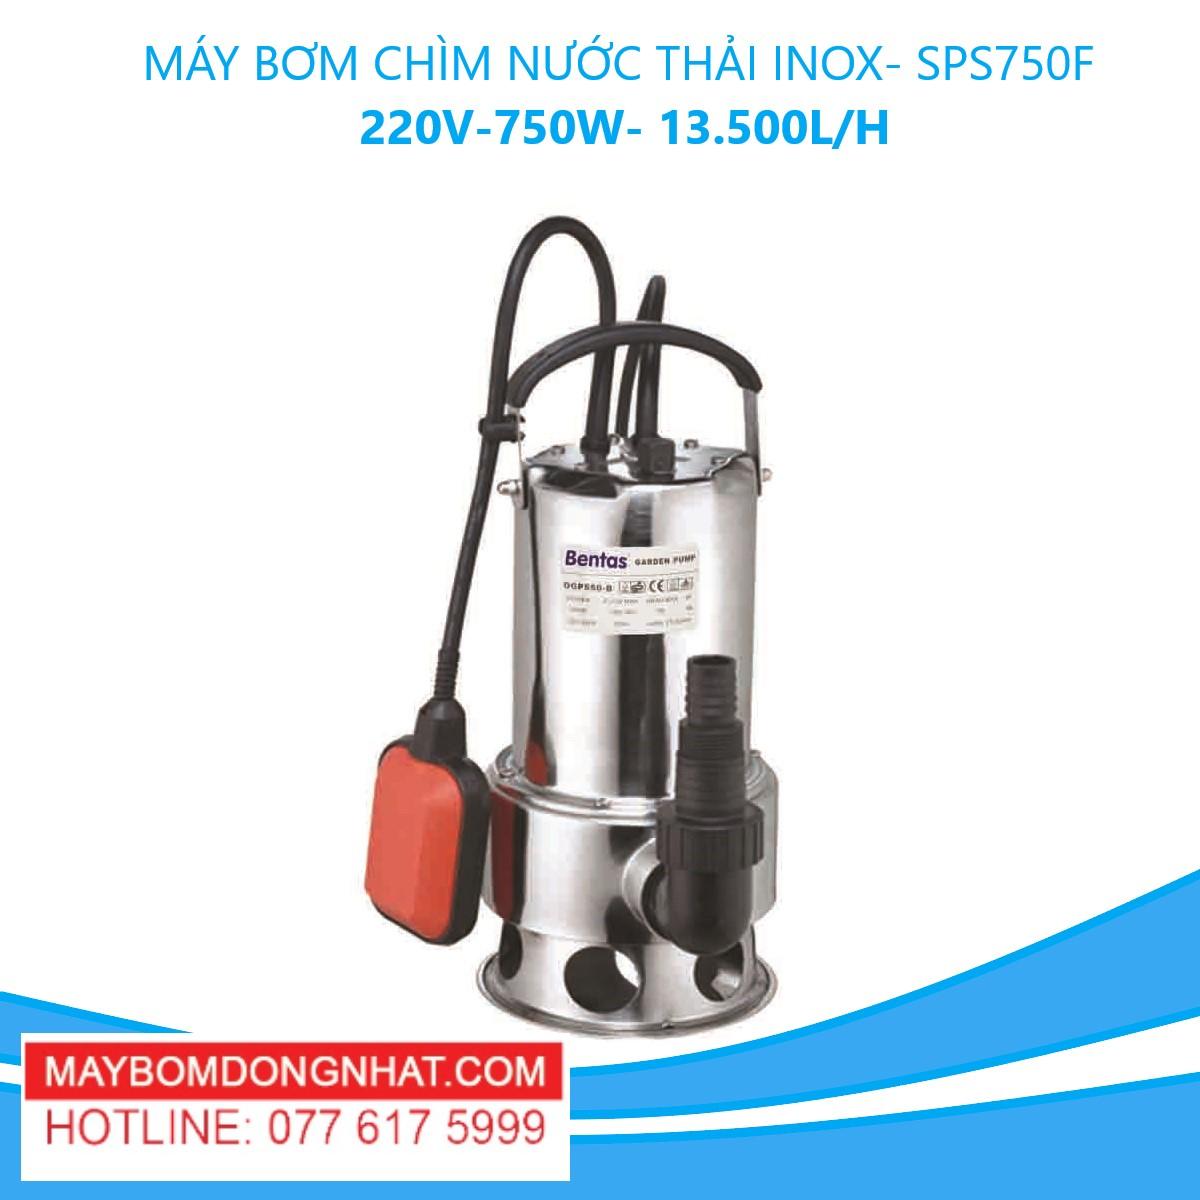 MÁY BƠM CHÌM NƯỚC THẢI INOX- SPS750F 220V-750W- 13.500L/H(CÓ PHAO)